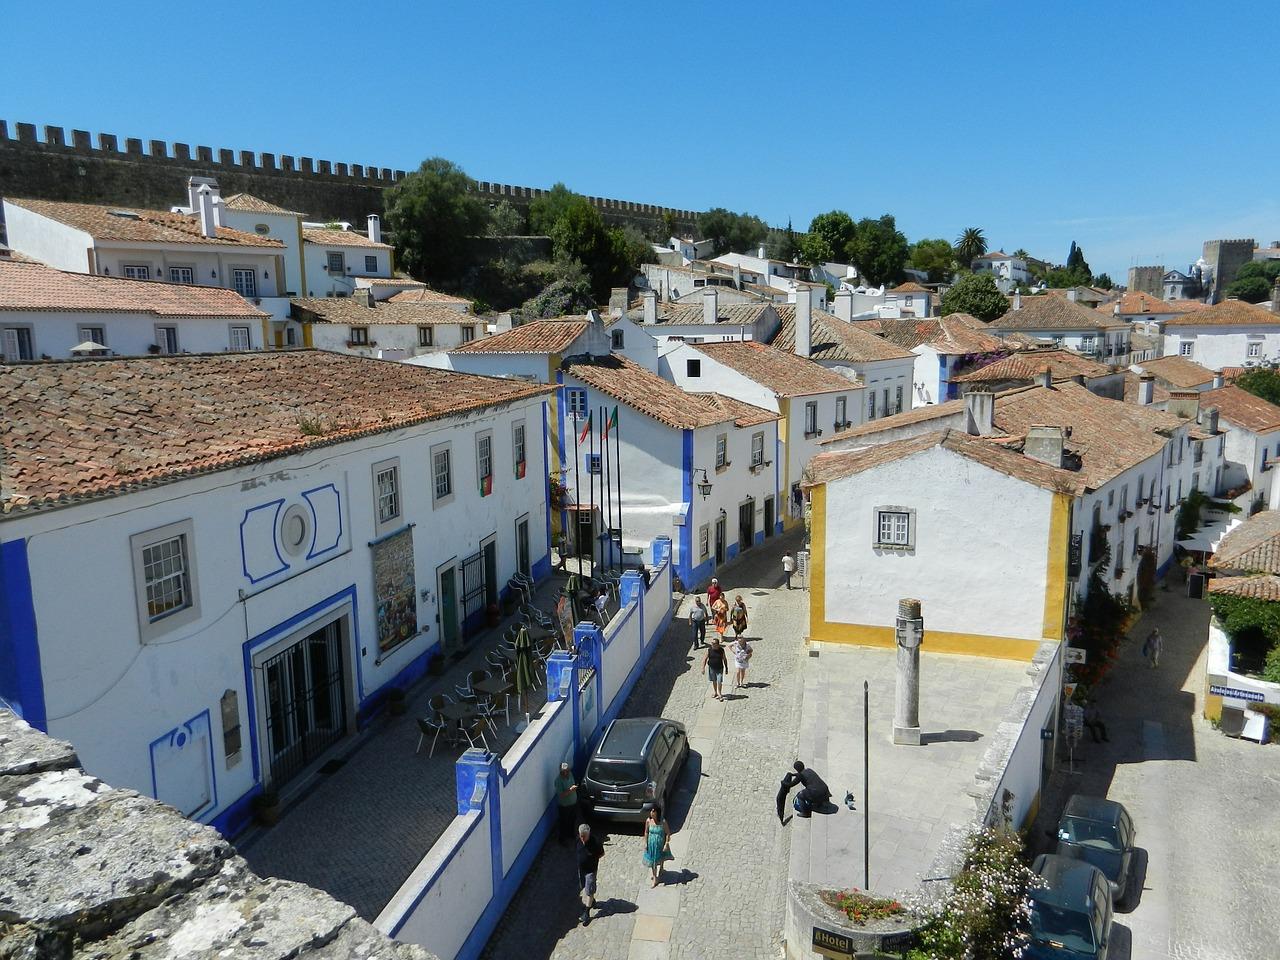 Thành phố Obidos thu hút du khách bởi nét đẹp cổ kính - Interimm ©